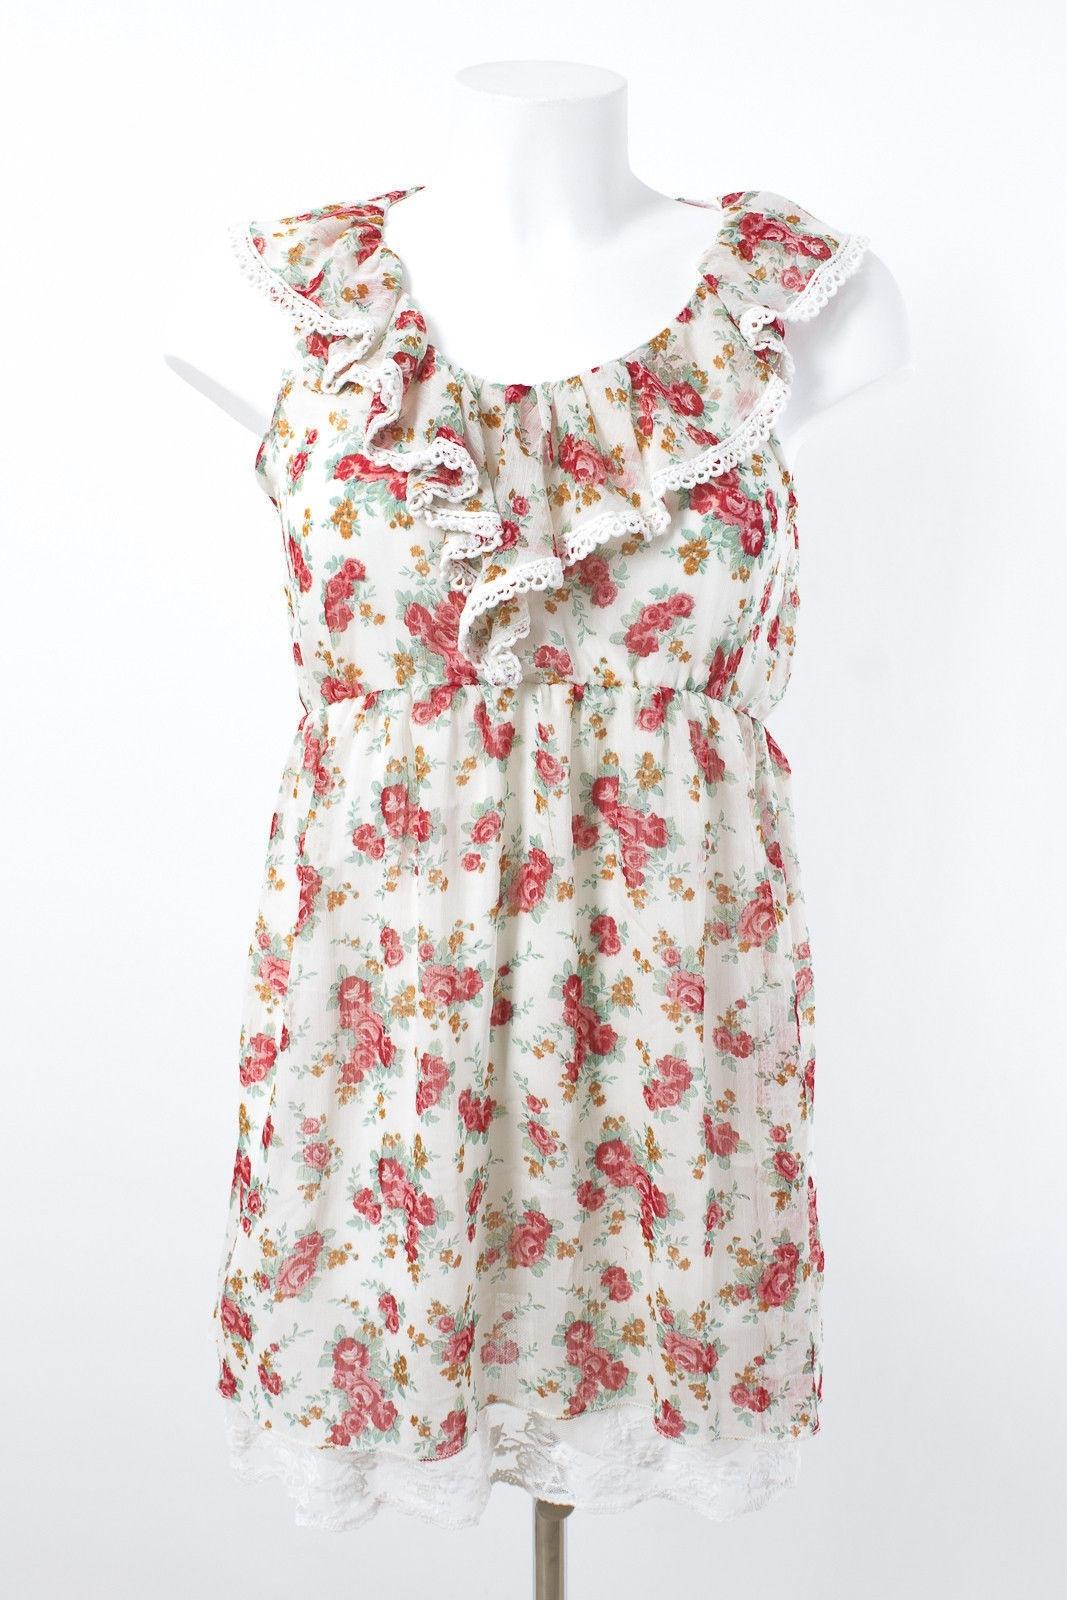 Genial Sommerkleid Gr 36 GalerieAbend Einfach Sommerkleid Gr 36 Boutique